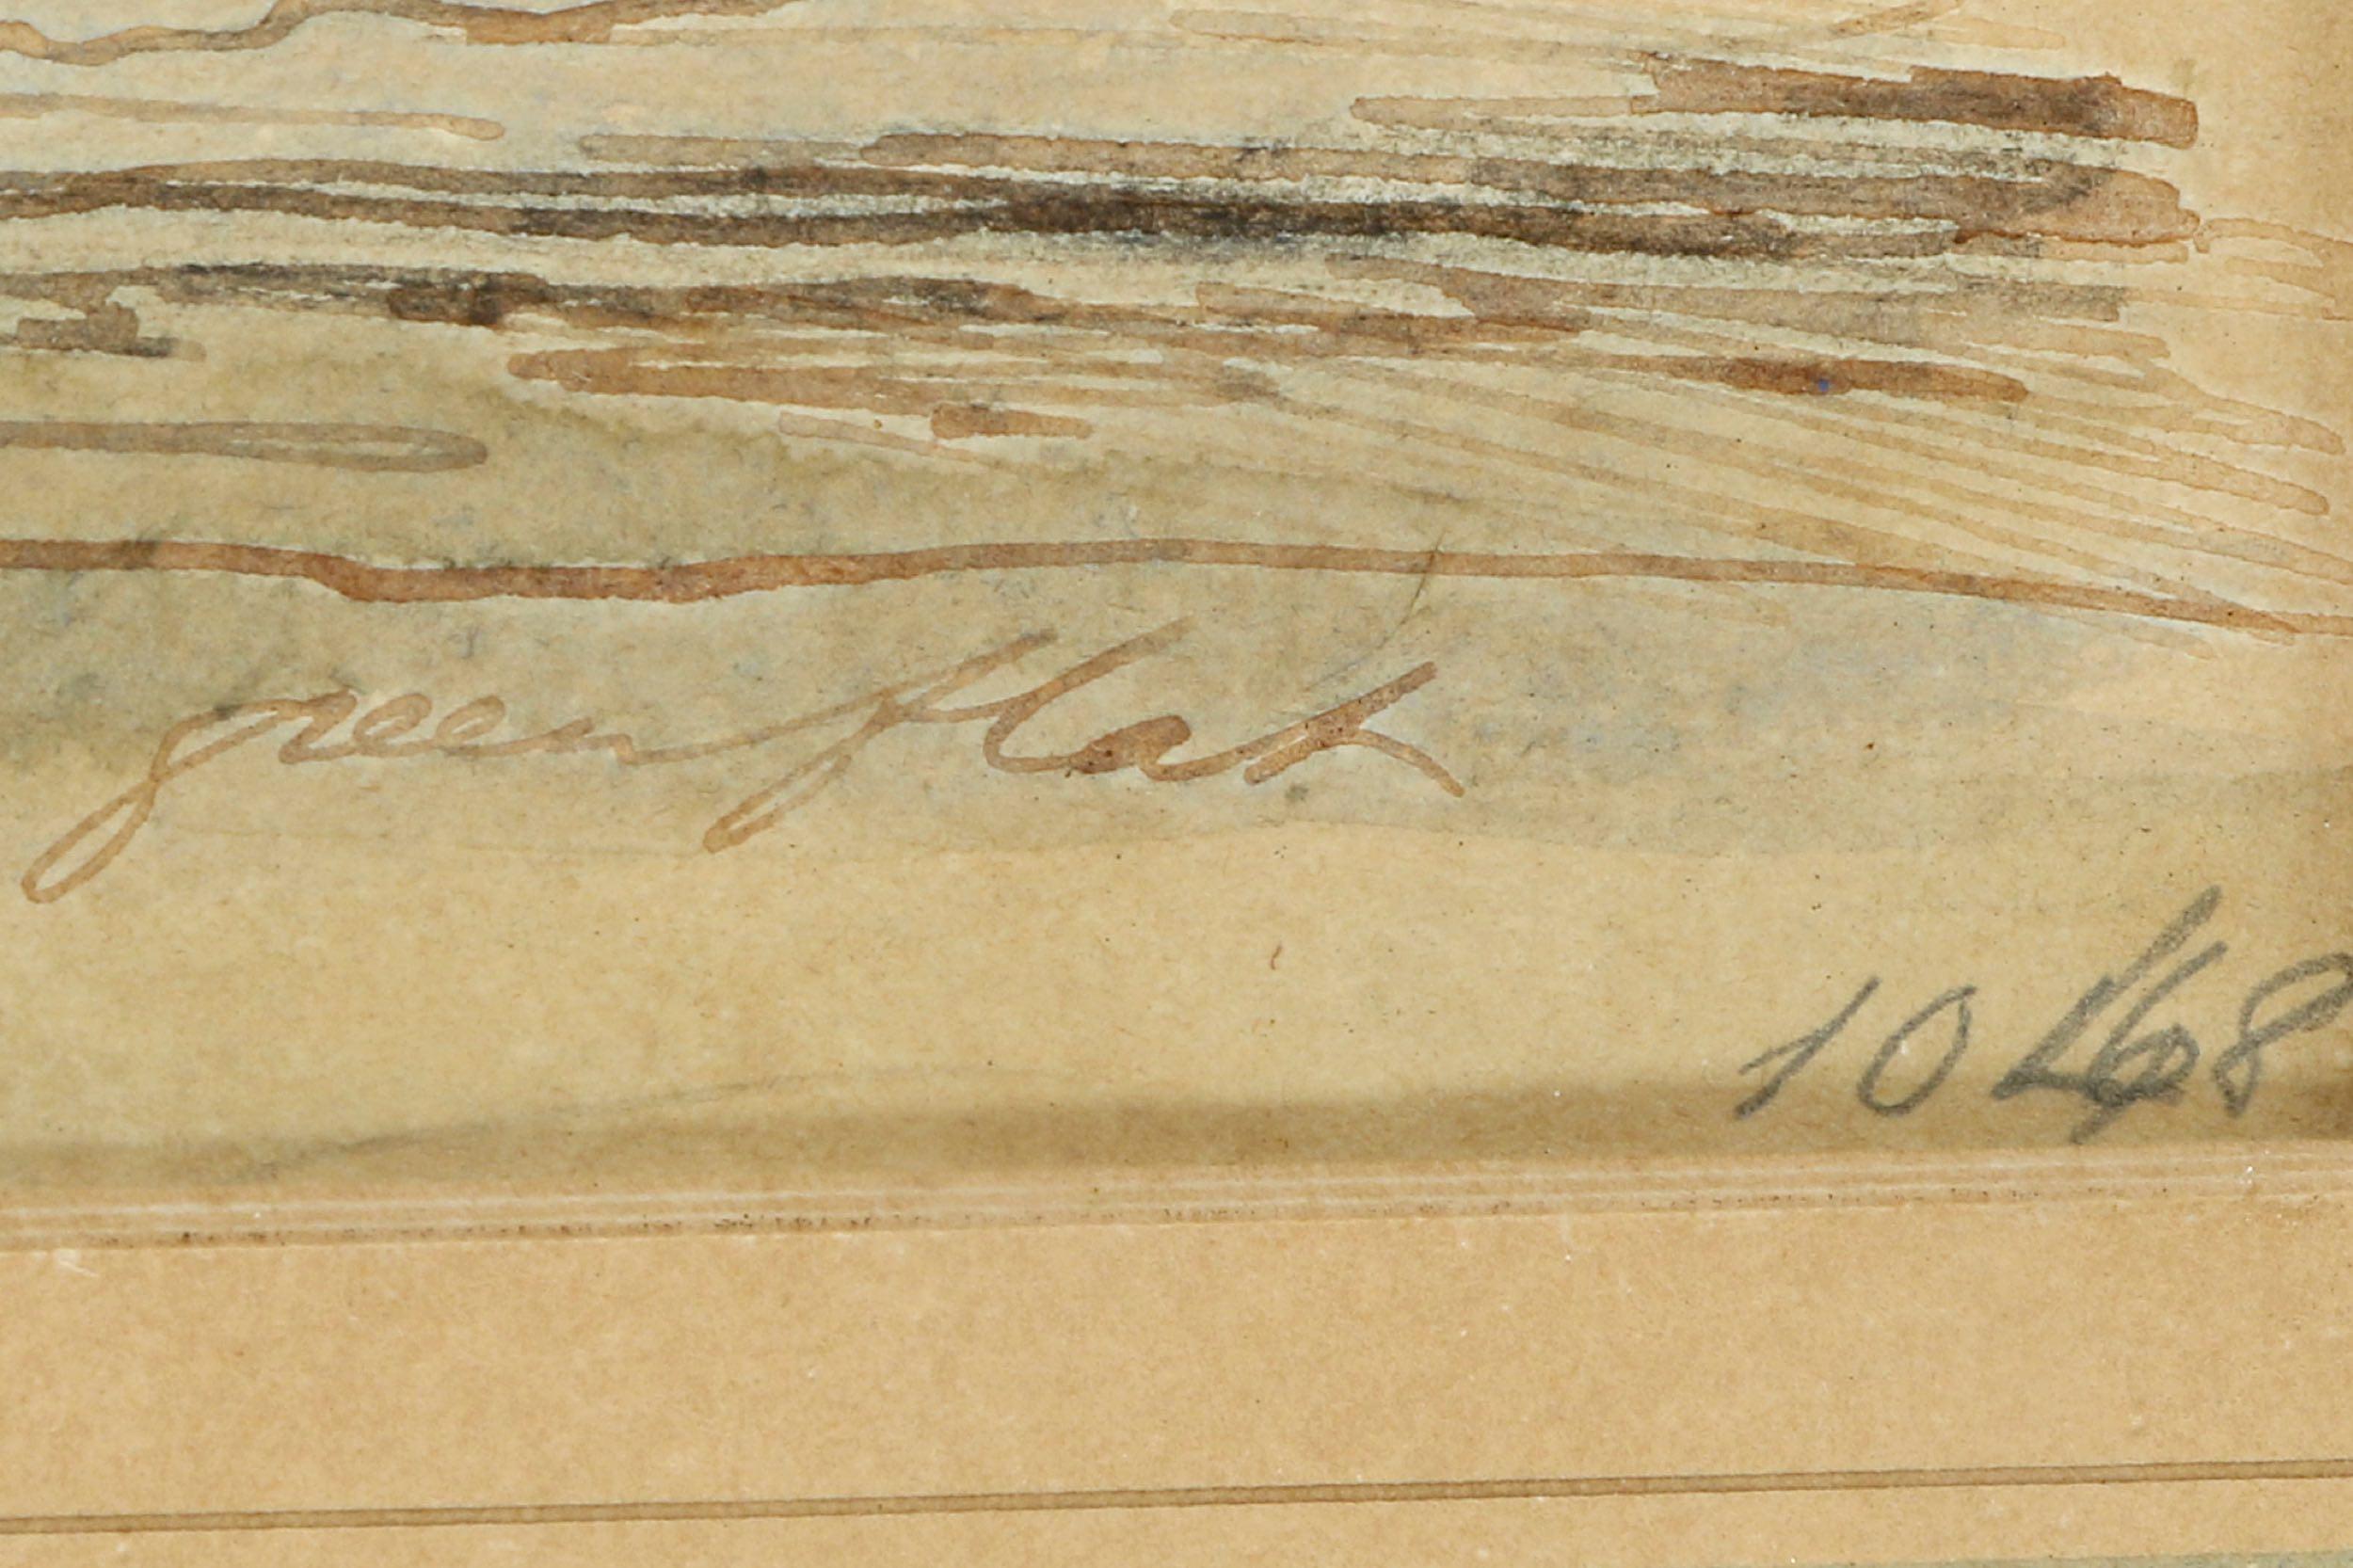 EDWARD LEAR (BRITISH 1812 - 1888) - Image 4 of 5